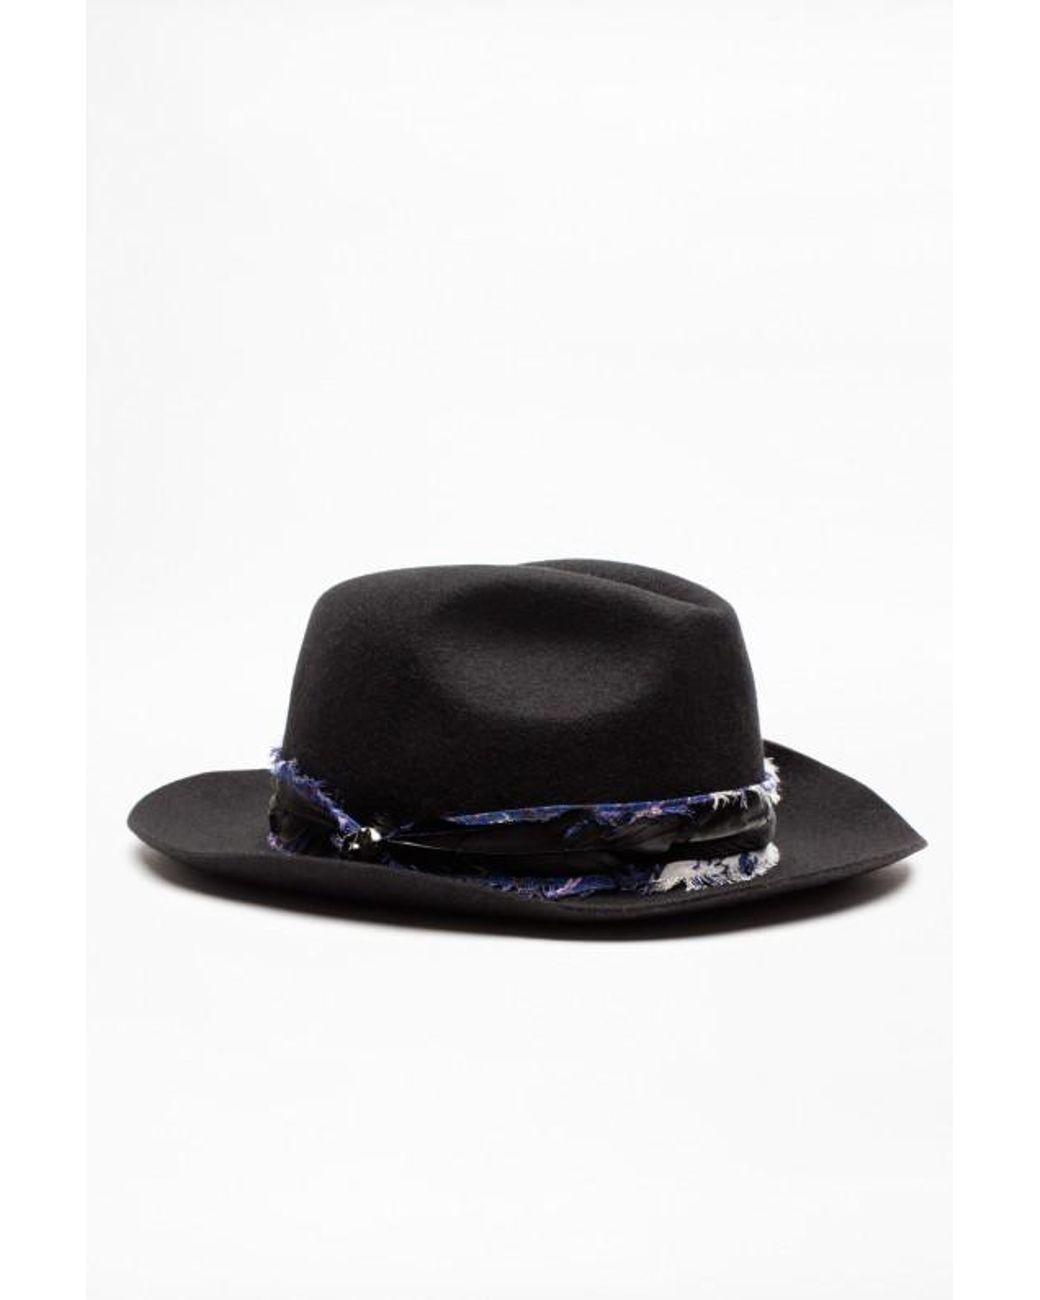 e0fb1ef0d059c Chapeau alabama foulard Zadig & Voltaire en coloris Noir - 20 % de  réduction - Lyst